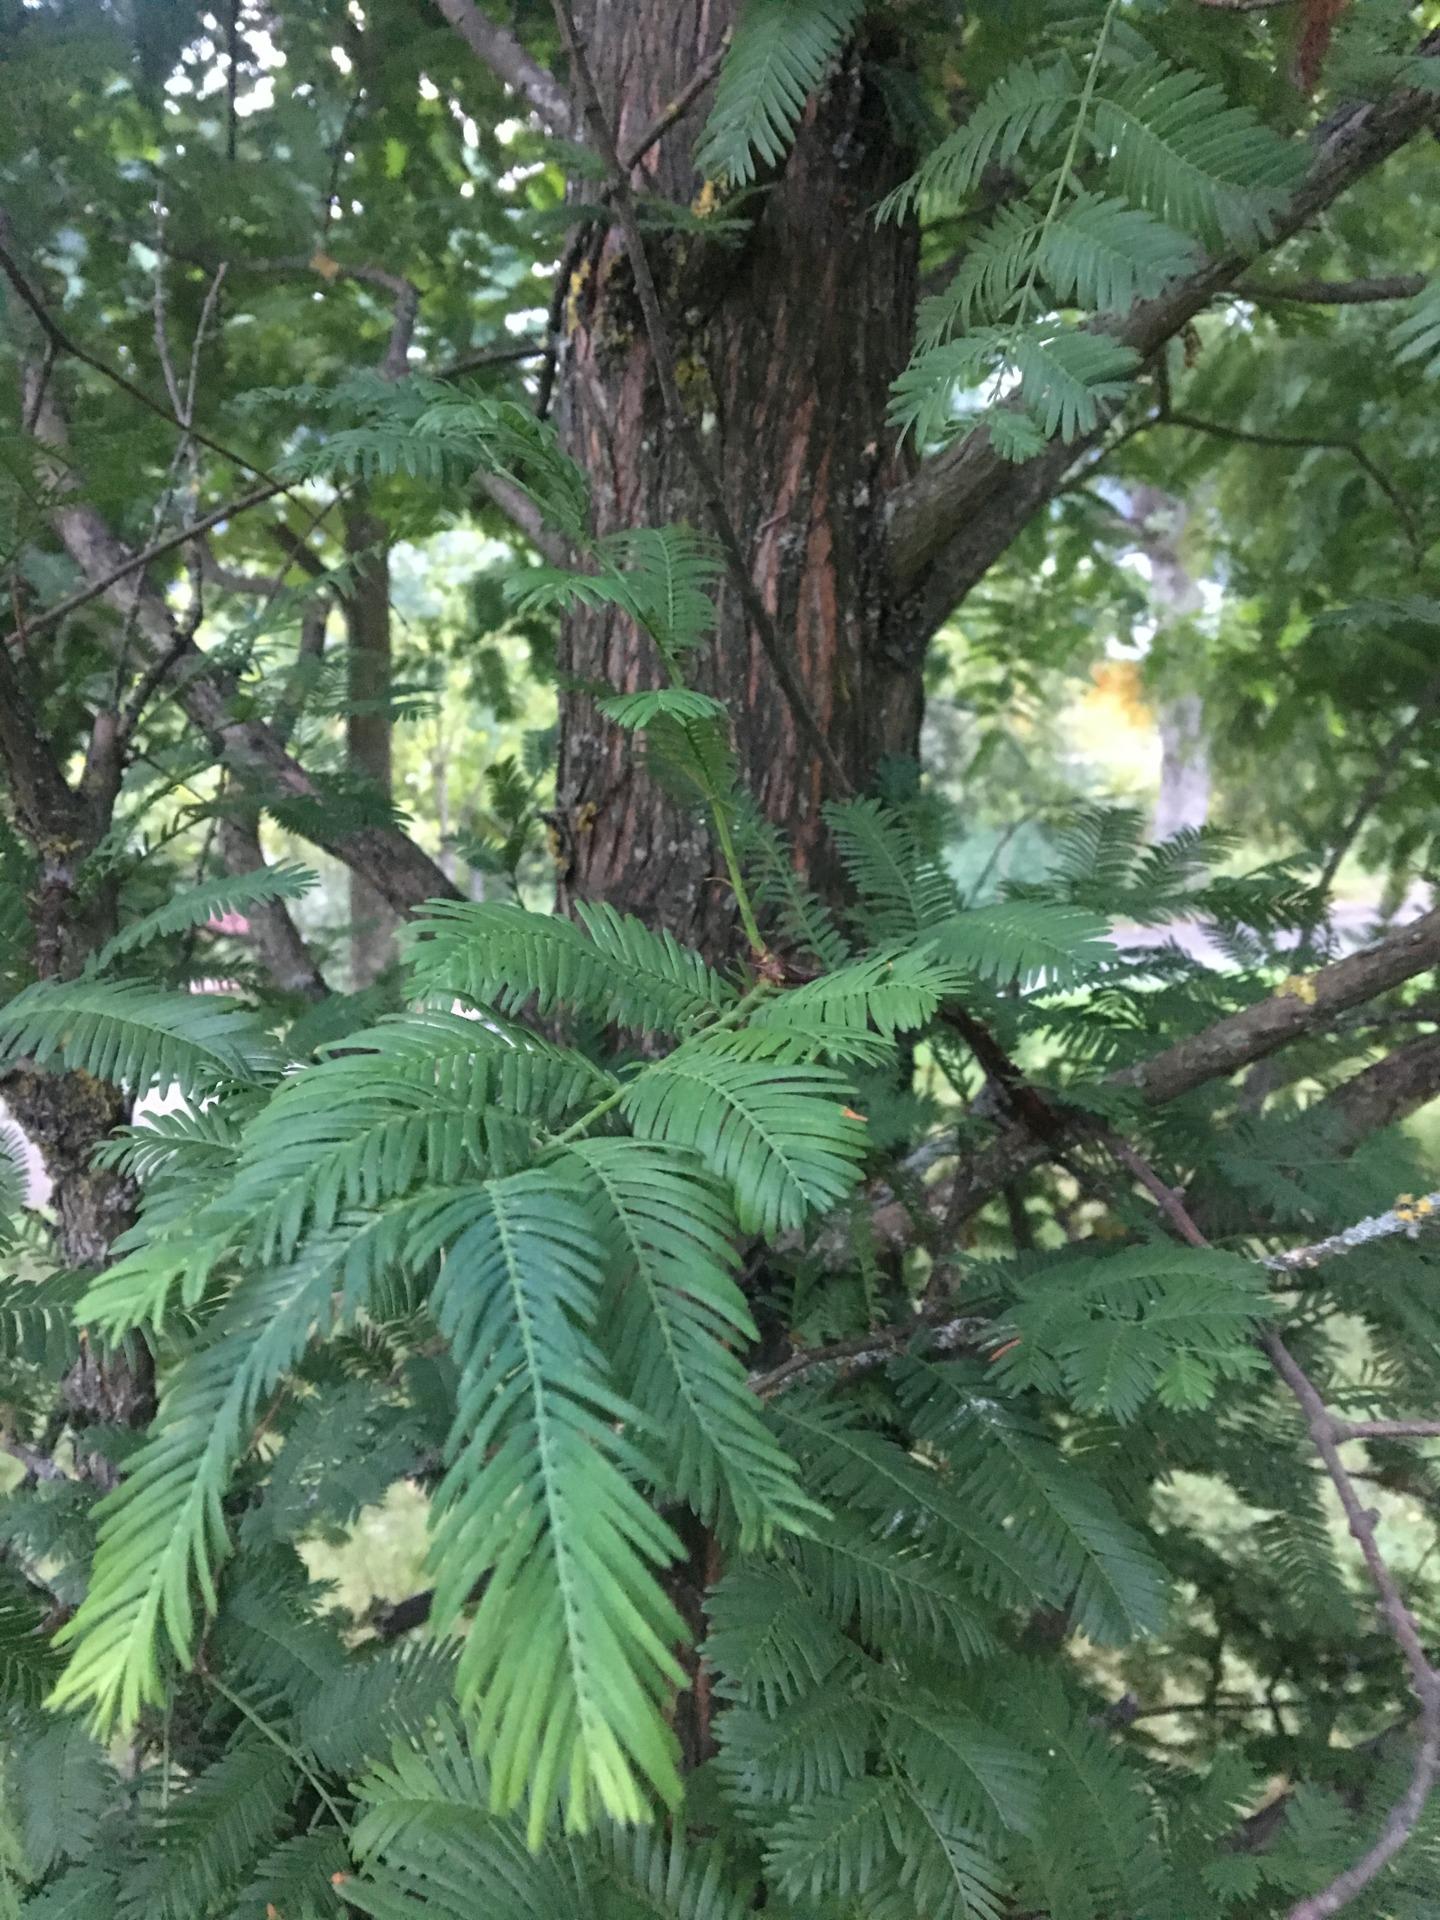 ¿Sabéis que árbol es? E57b7310